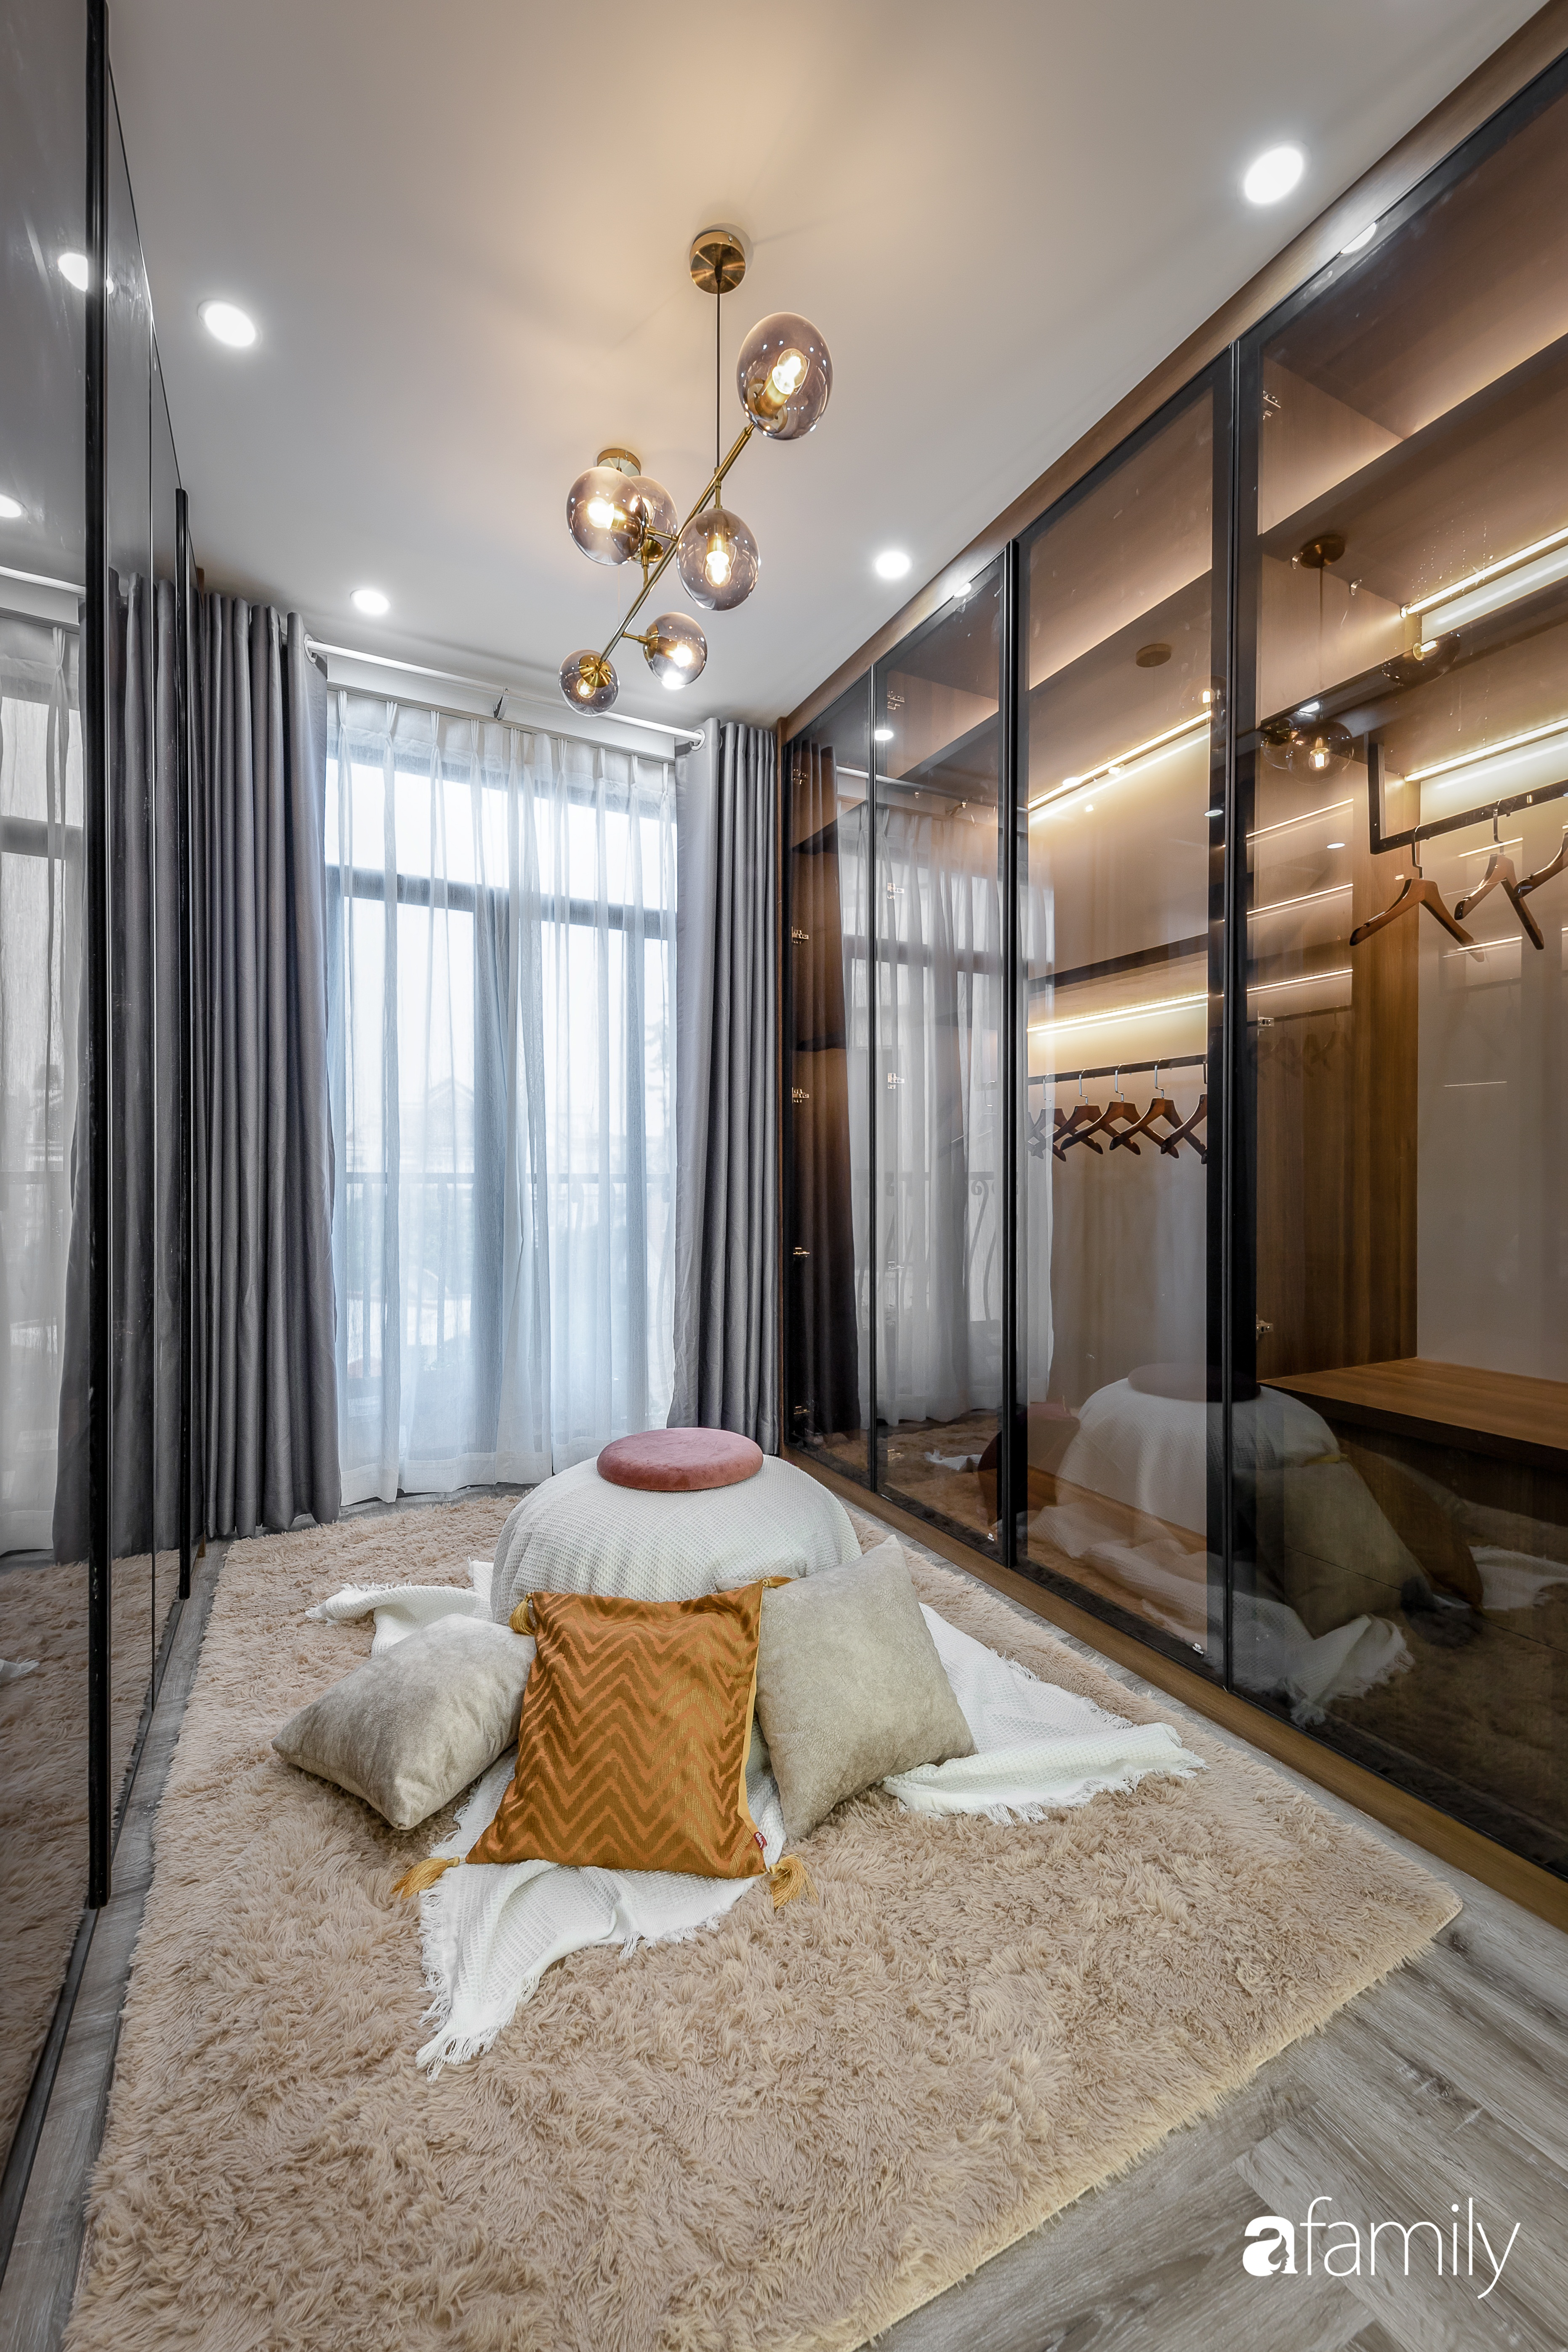 Căn nhà 5 tầng trong hẻm sang chảnh như resort cao cấp với chi phí thiết kế 900 triệu đồng ở TP HCMHCM - Ảnh 17.